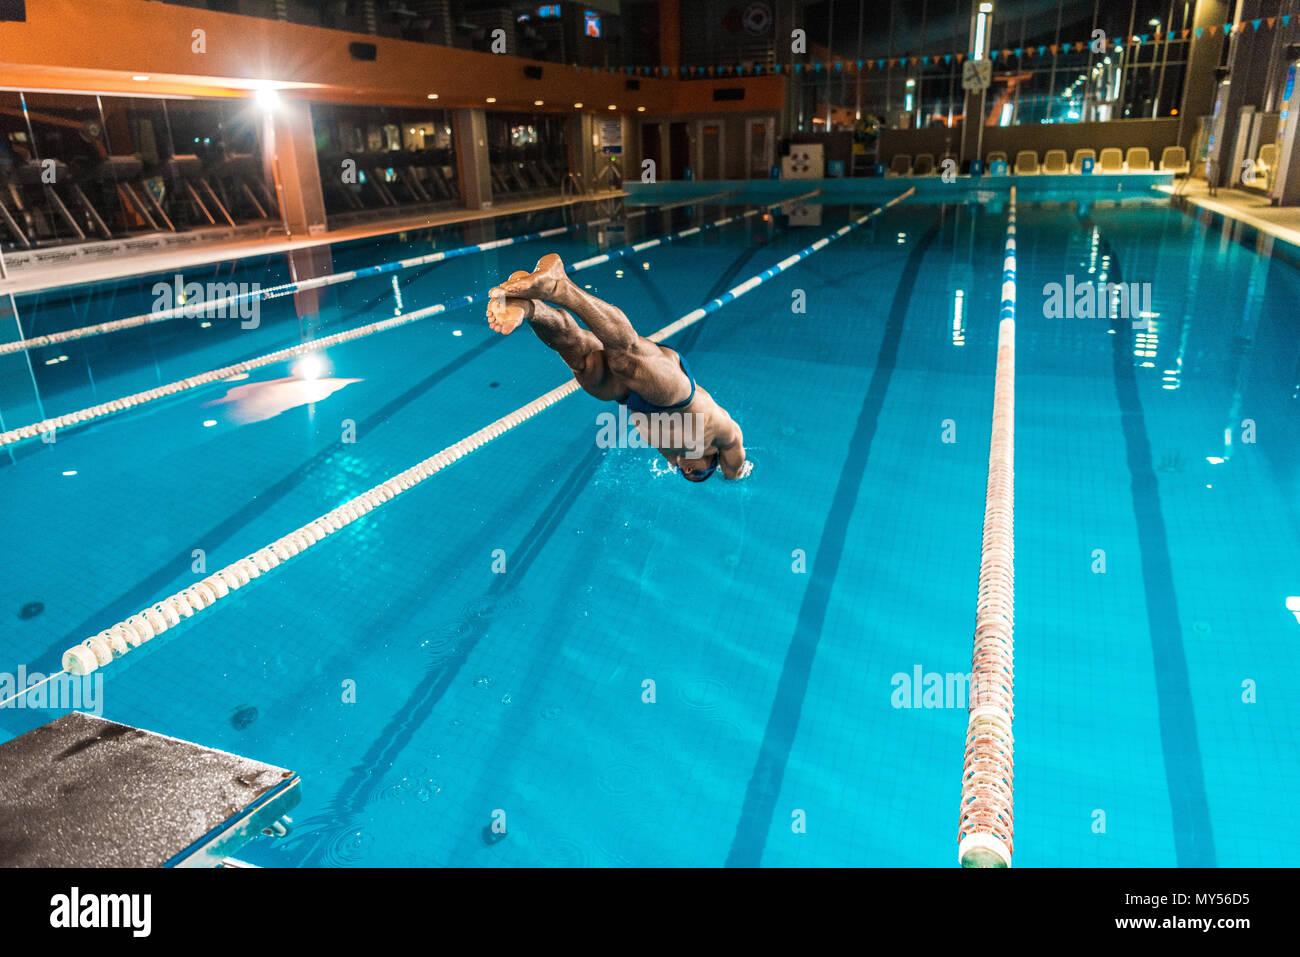 Nuotatore immersioni subacquee in concorrenza piscina Immagini Stock